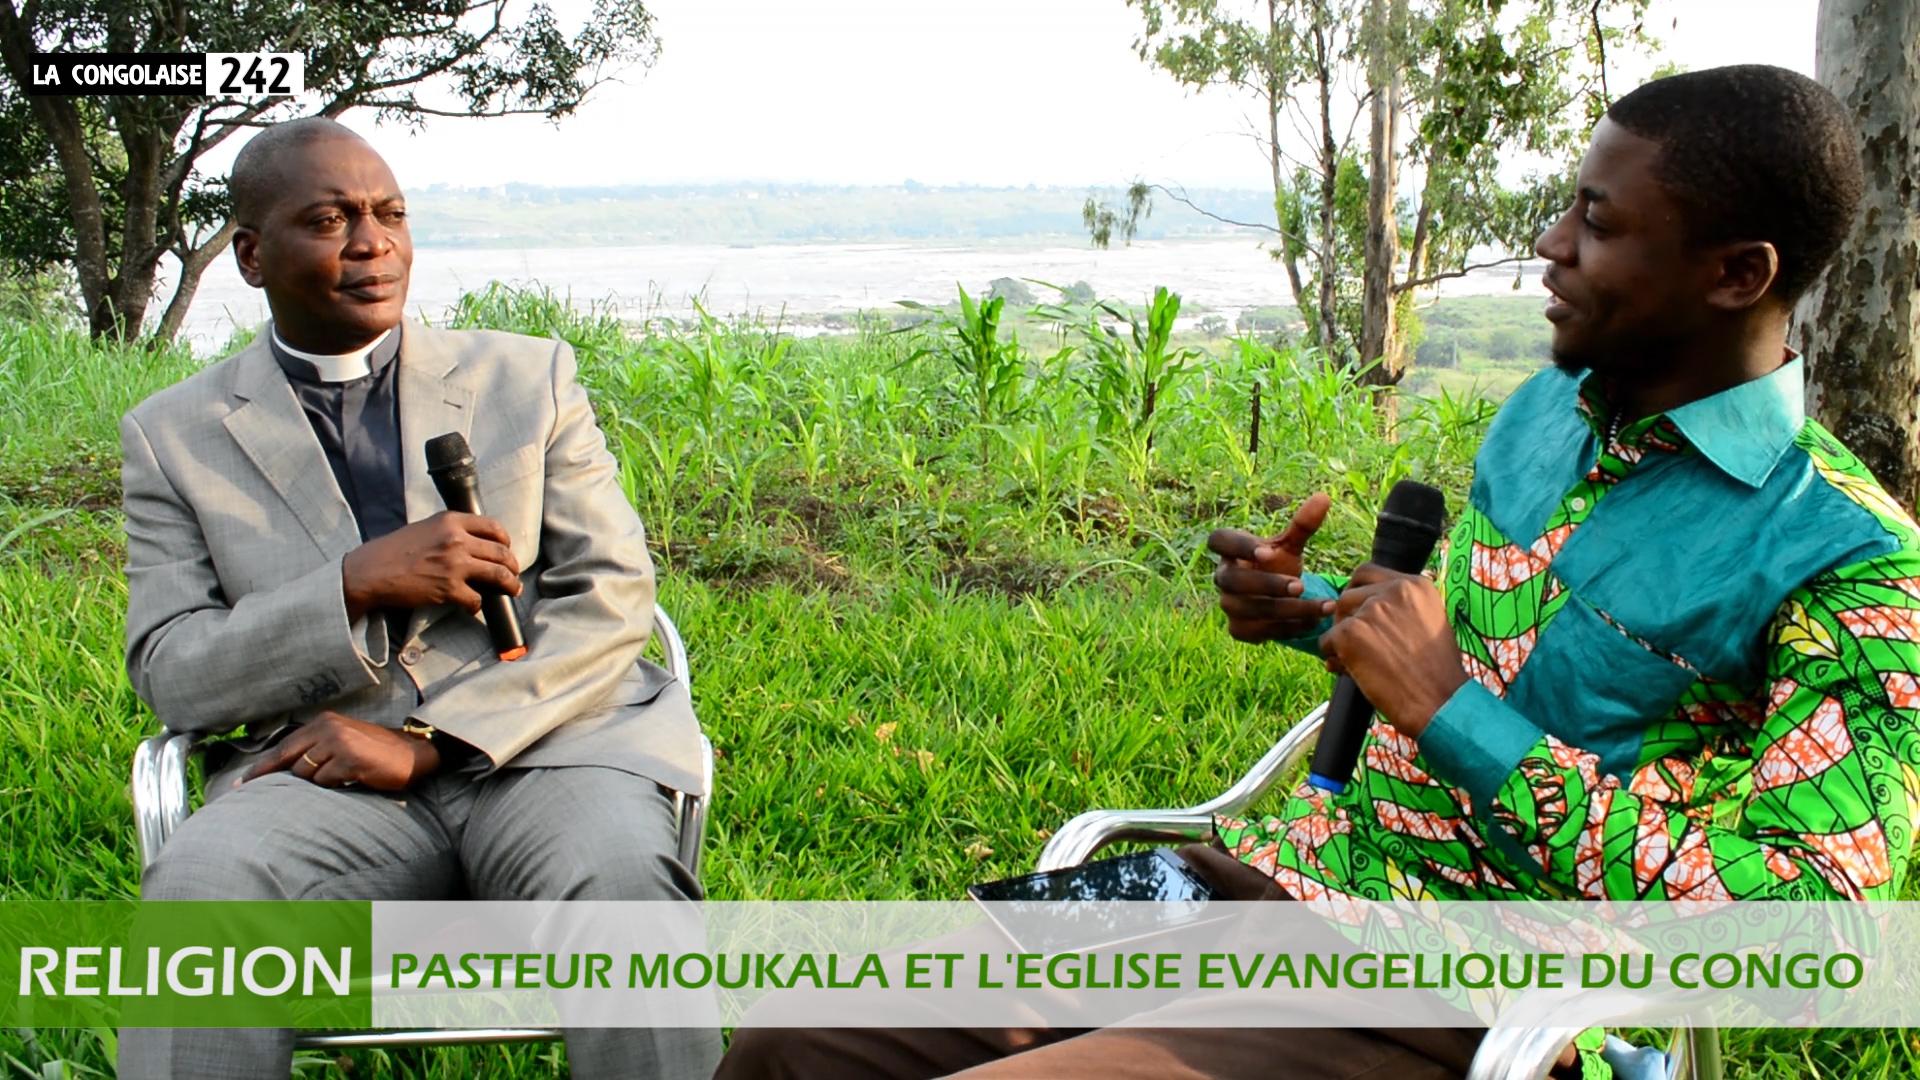 Situation de crise dans le Pool : Le silence inquiétant de l'Eglise Evangélique du Congo (EEC) et de ses responsables